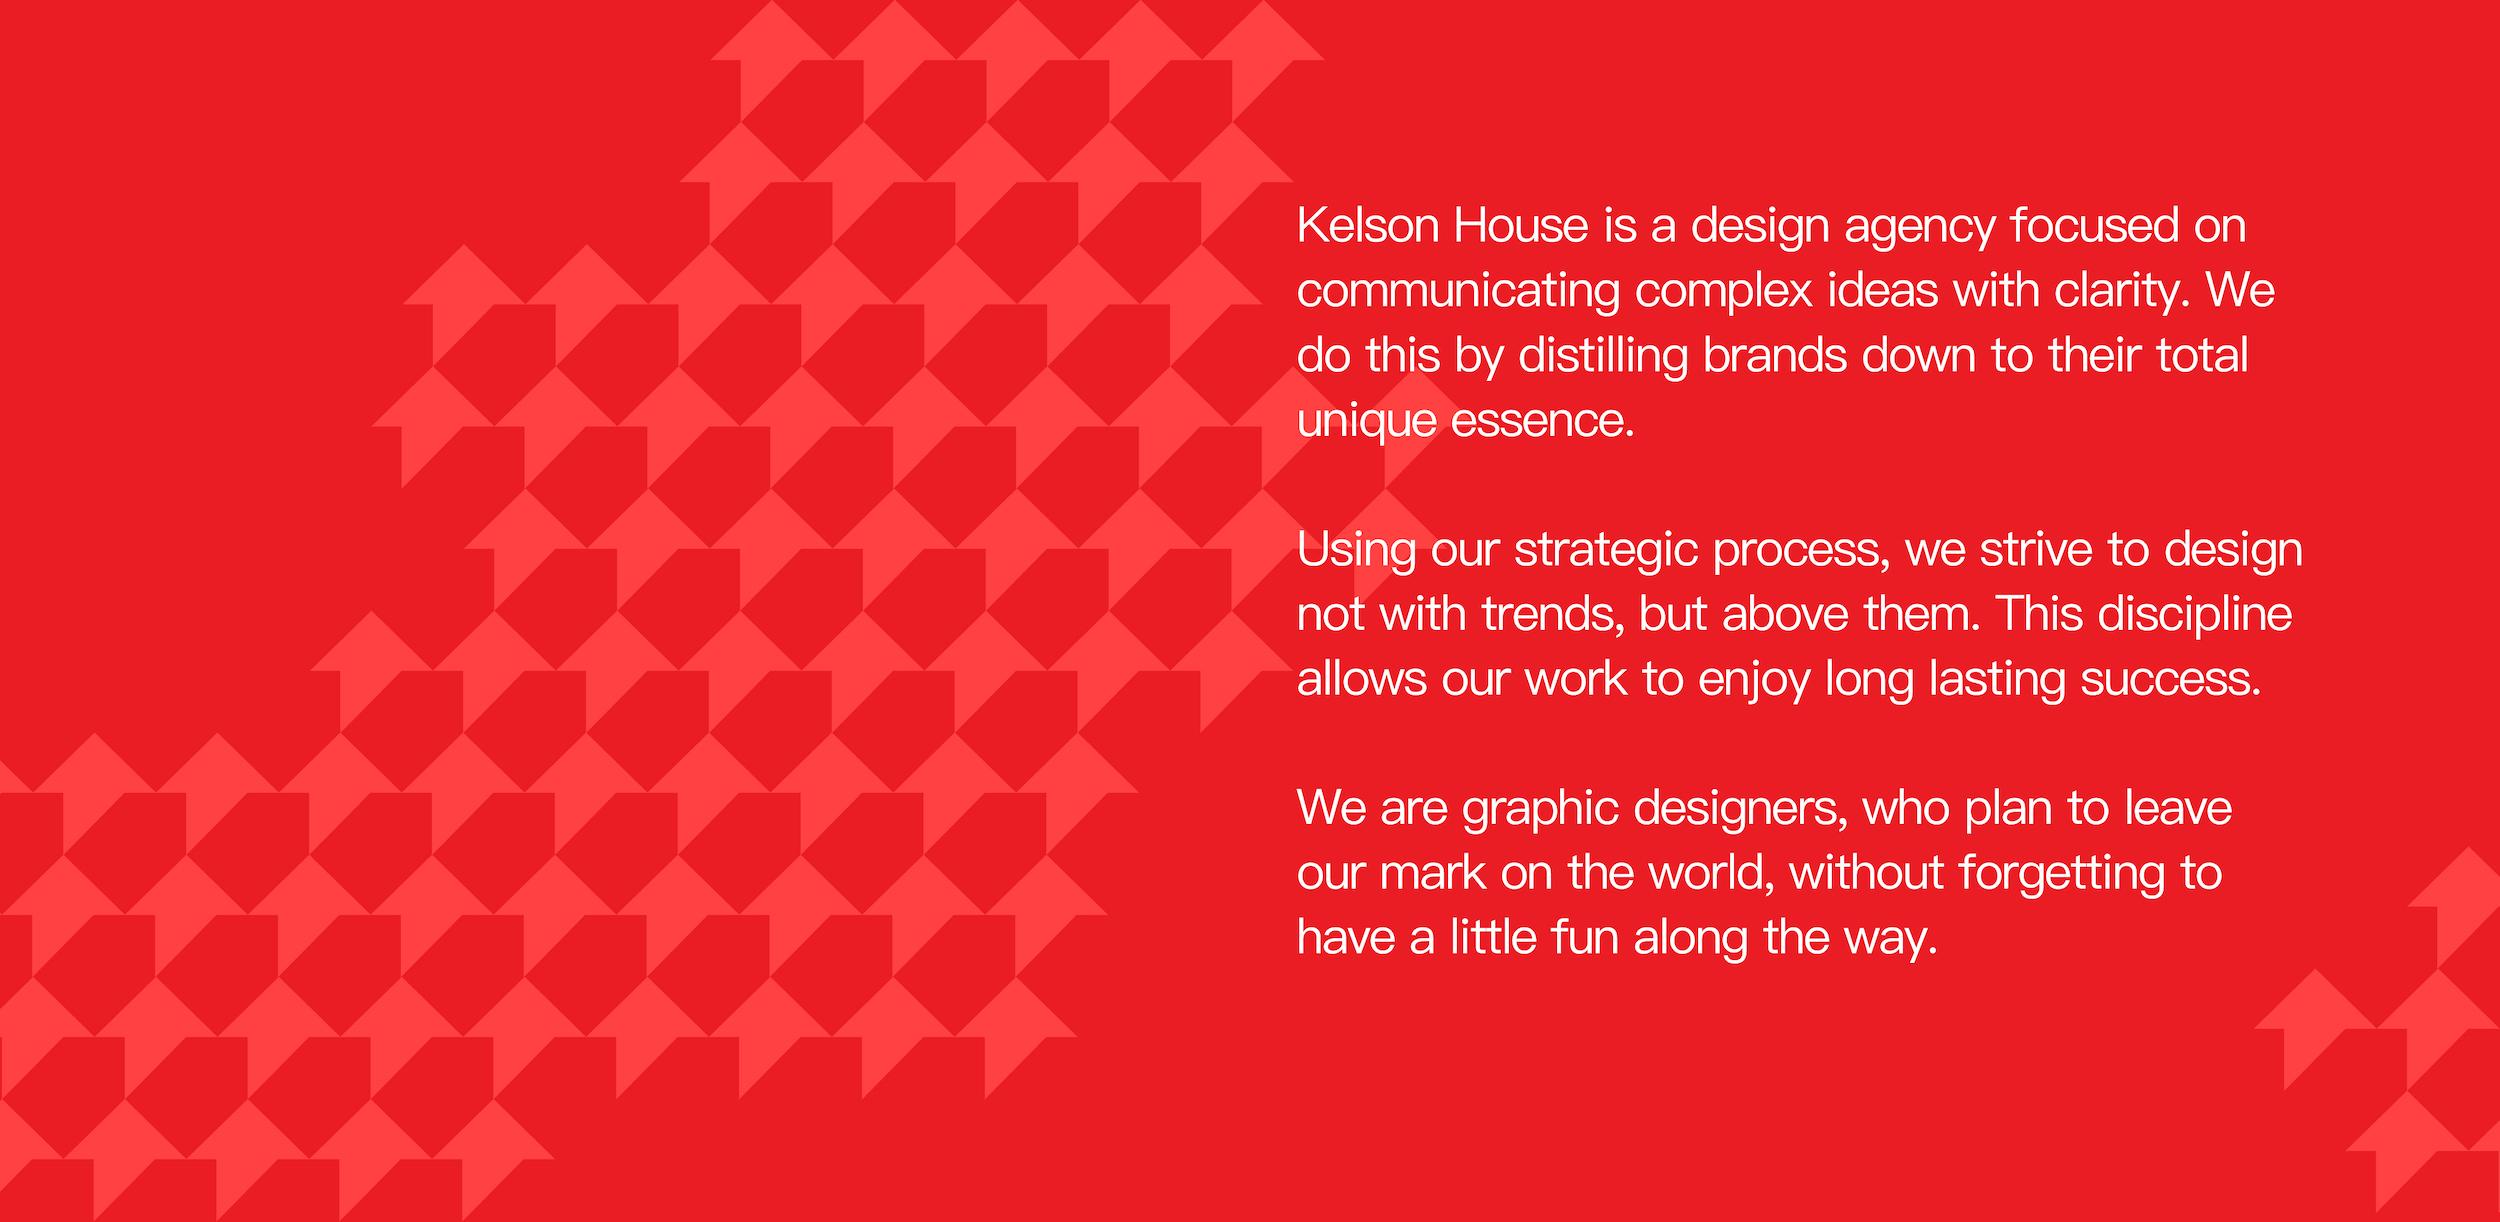 KelsonHouse_BrandBook